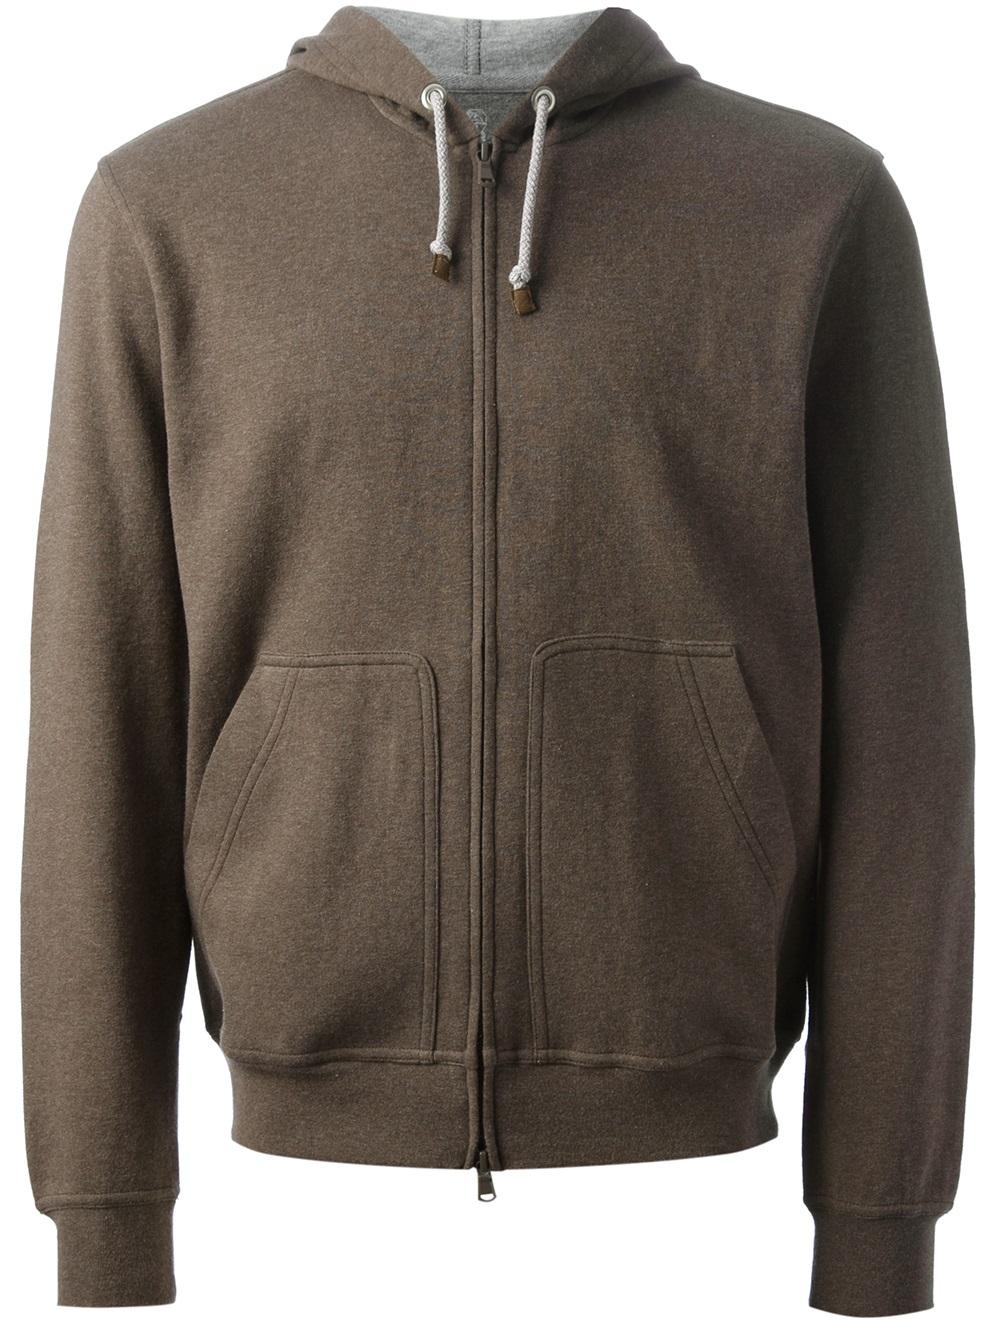 Brown zip up hoodie